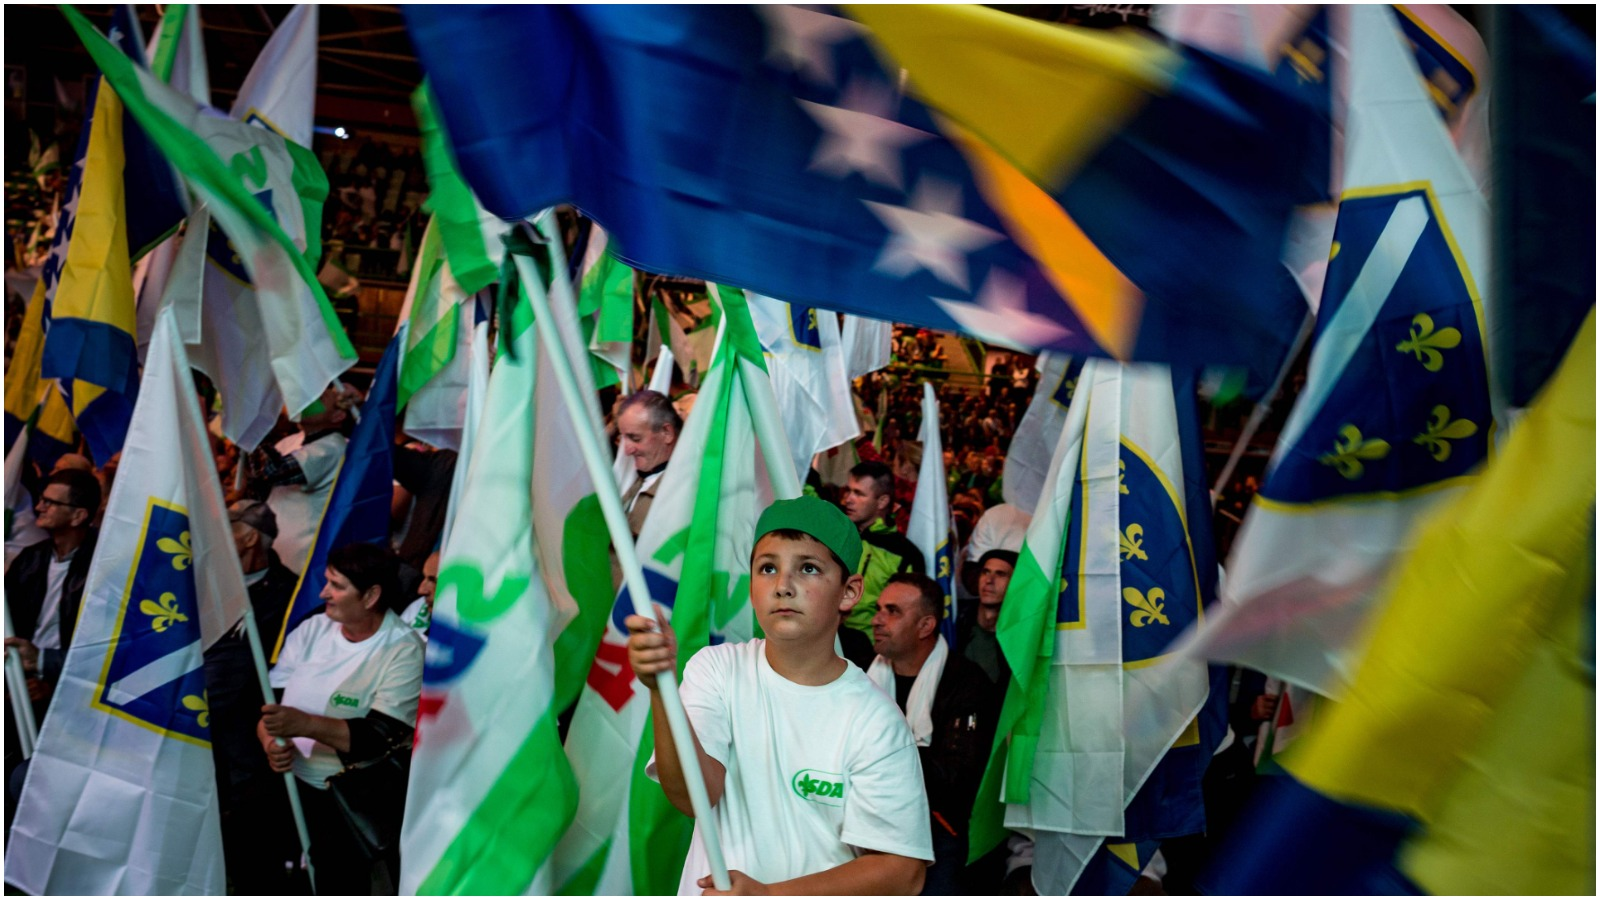 Anne Kirstine Rønn efter valget i Bosnien-Herzegovina: Etnisk splittelse gennemsyrer stadig det lille lands politik